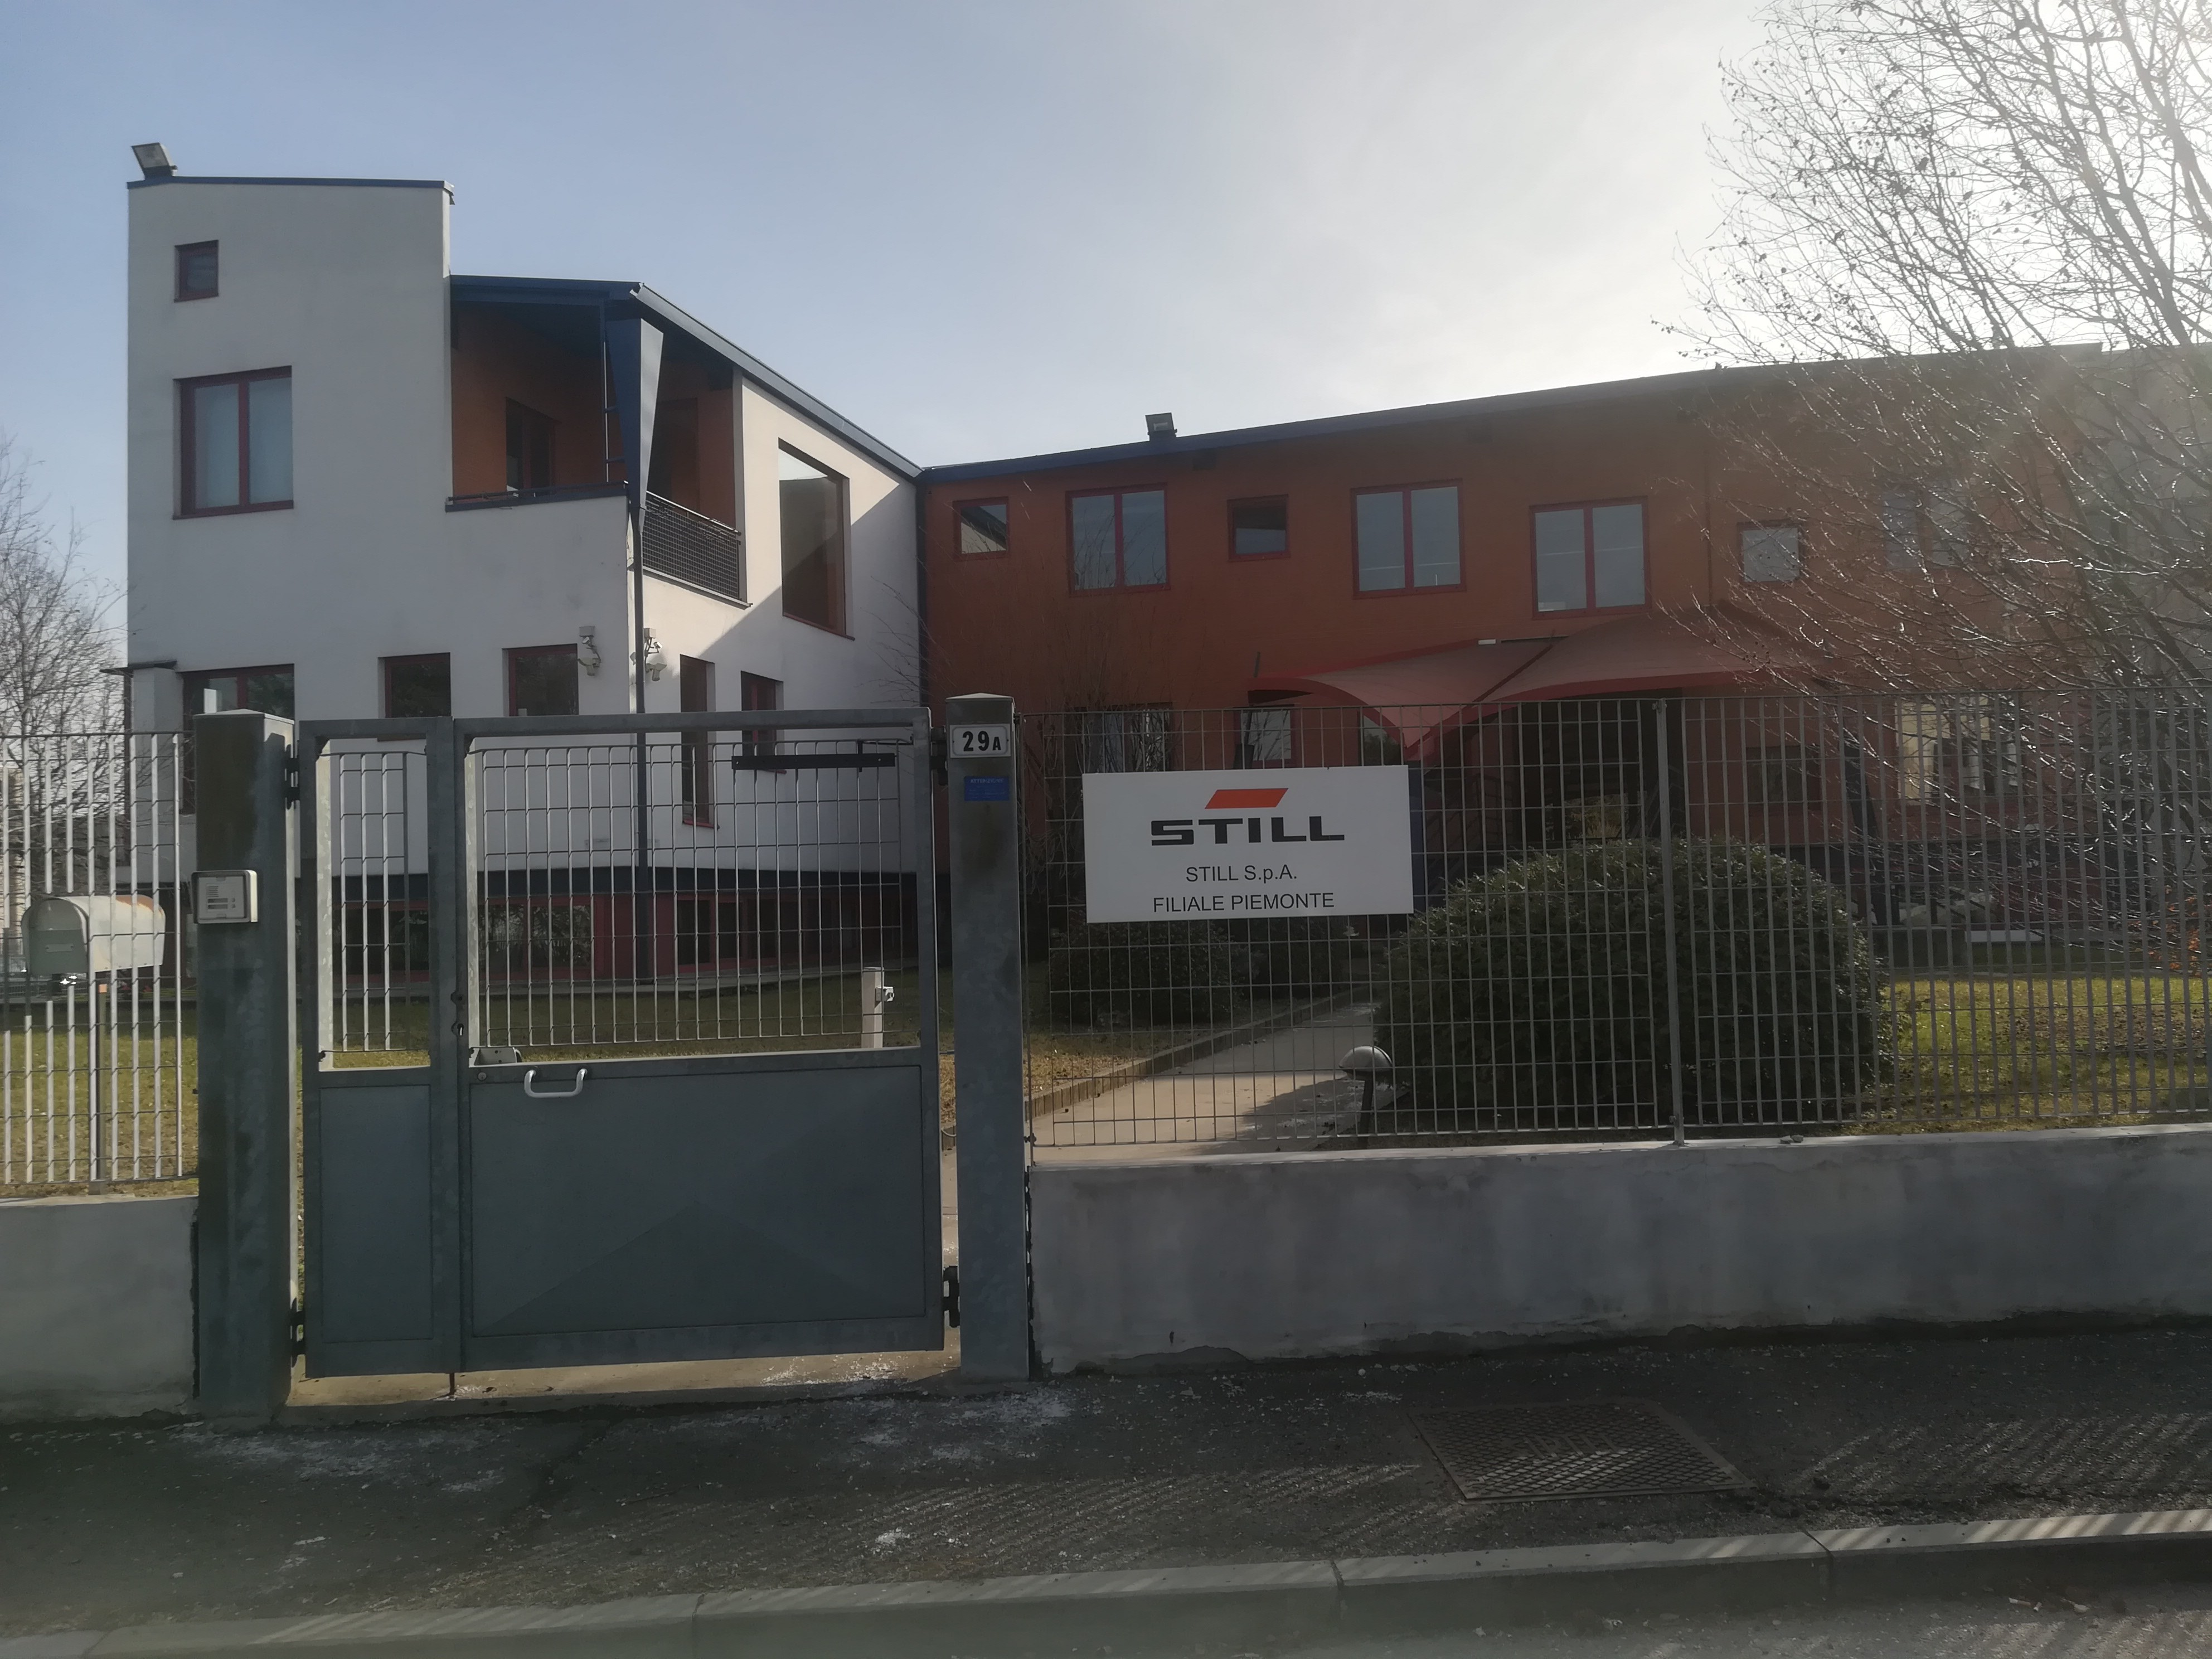 STILL - Filiale Piemonte